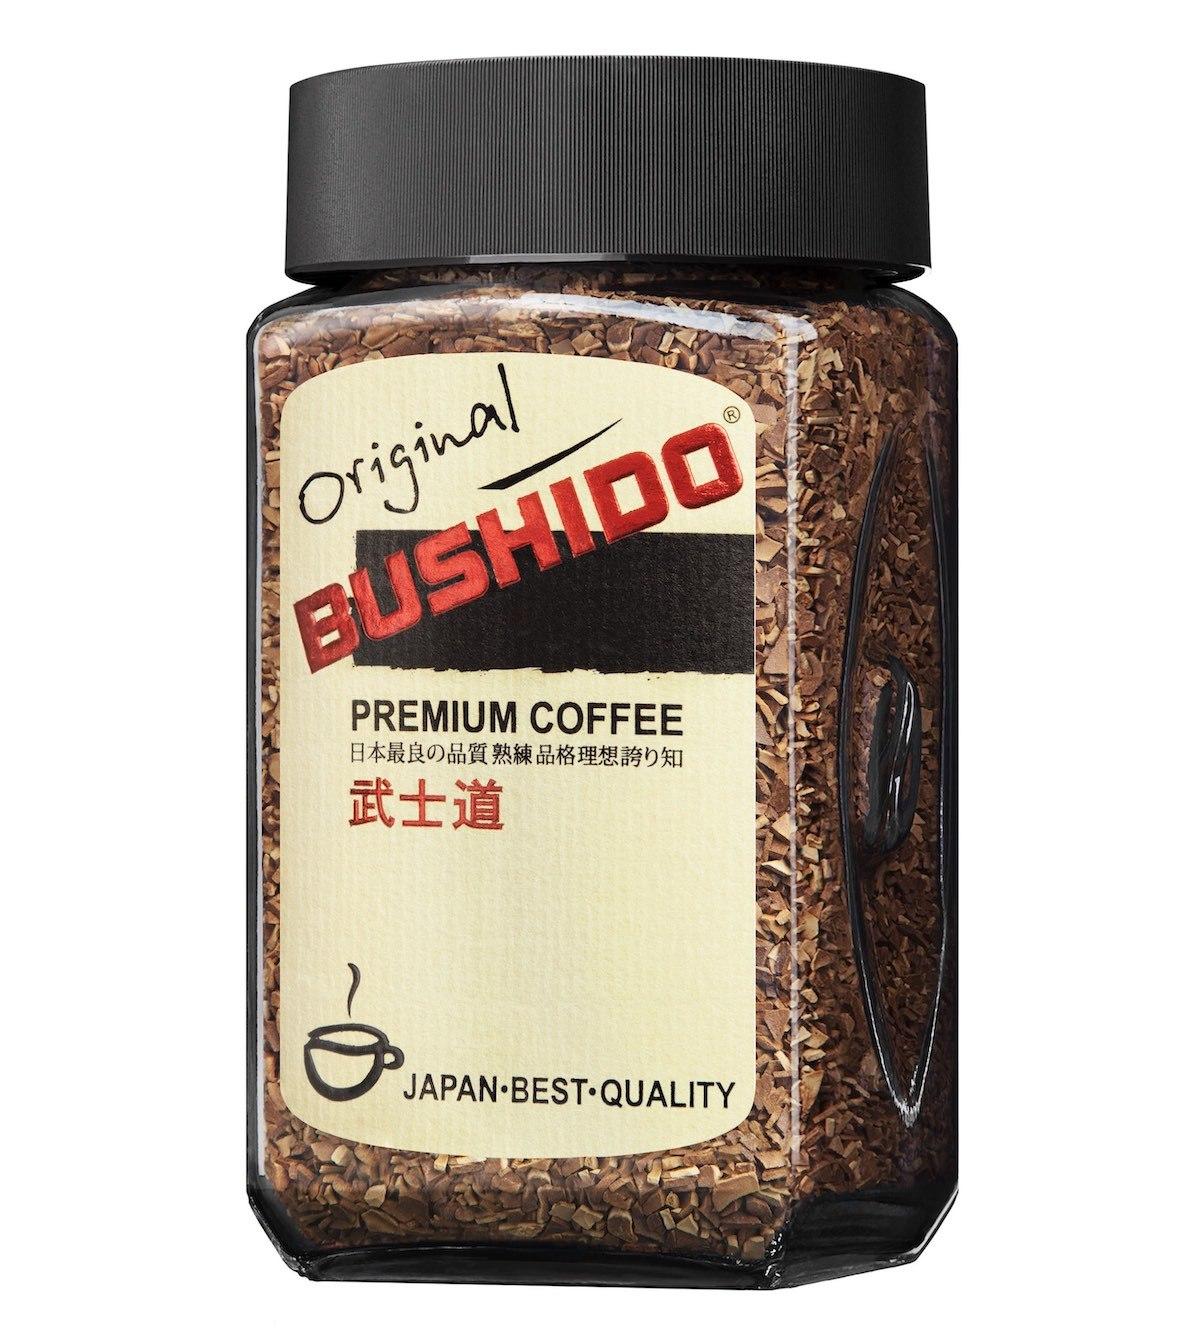 Растворимый кофе Кофе растворимый Original, Bushido, 100 г import_files_0a_0a6e3d48cb2511eaa9ce484d7ecee297_2f45185ecdab11eaa9ce484d7ecee297.jpg